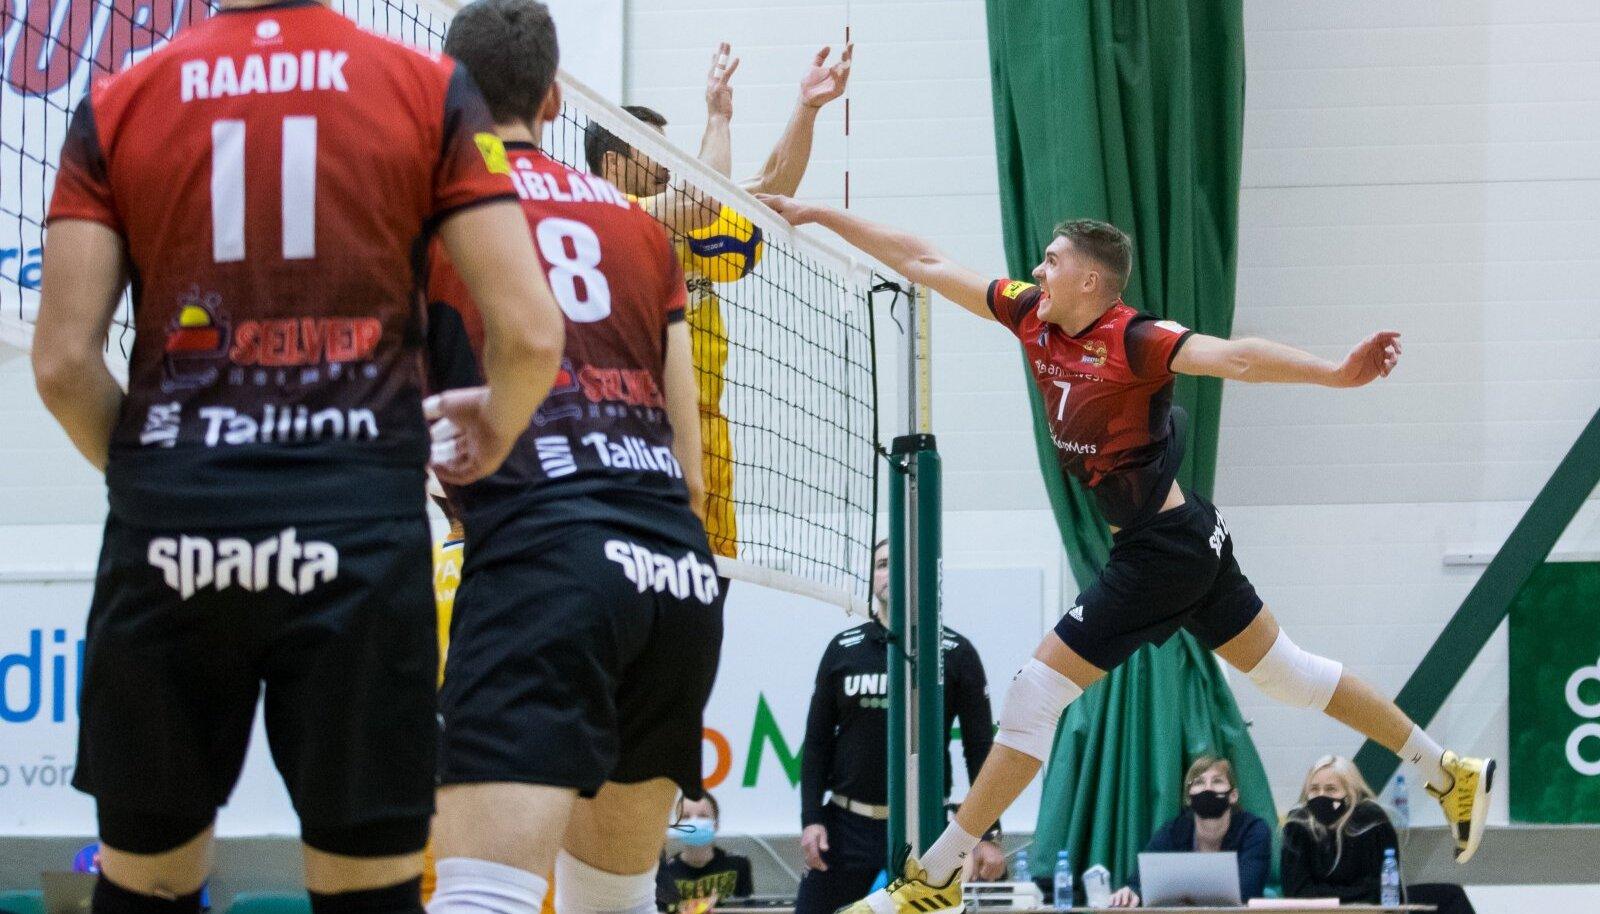 Renee Teppan sokutab palli Pärnu bloki ja võrgu vahele.